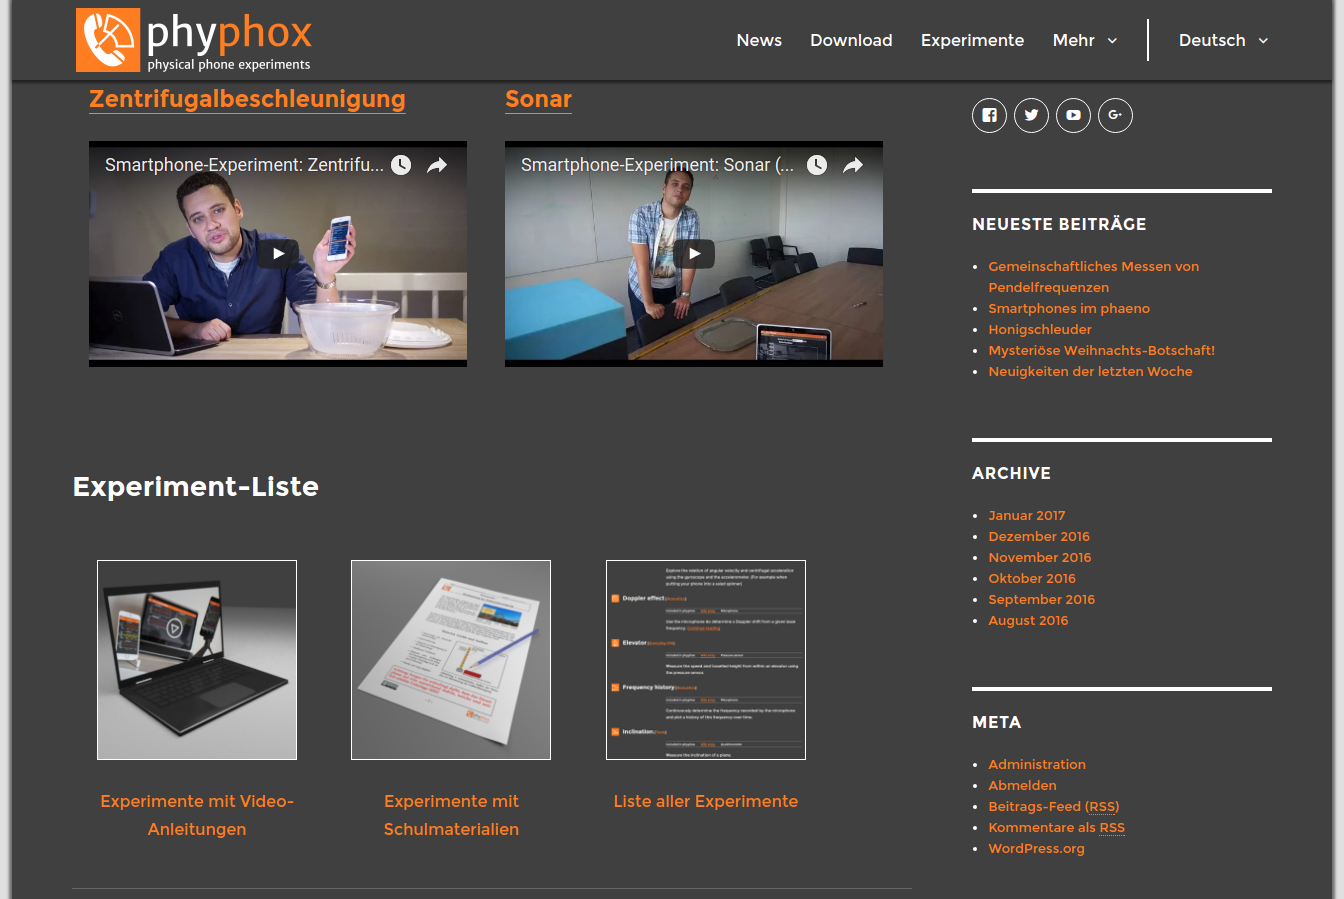 phyphox.org